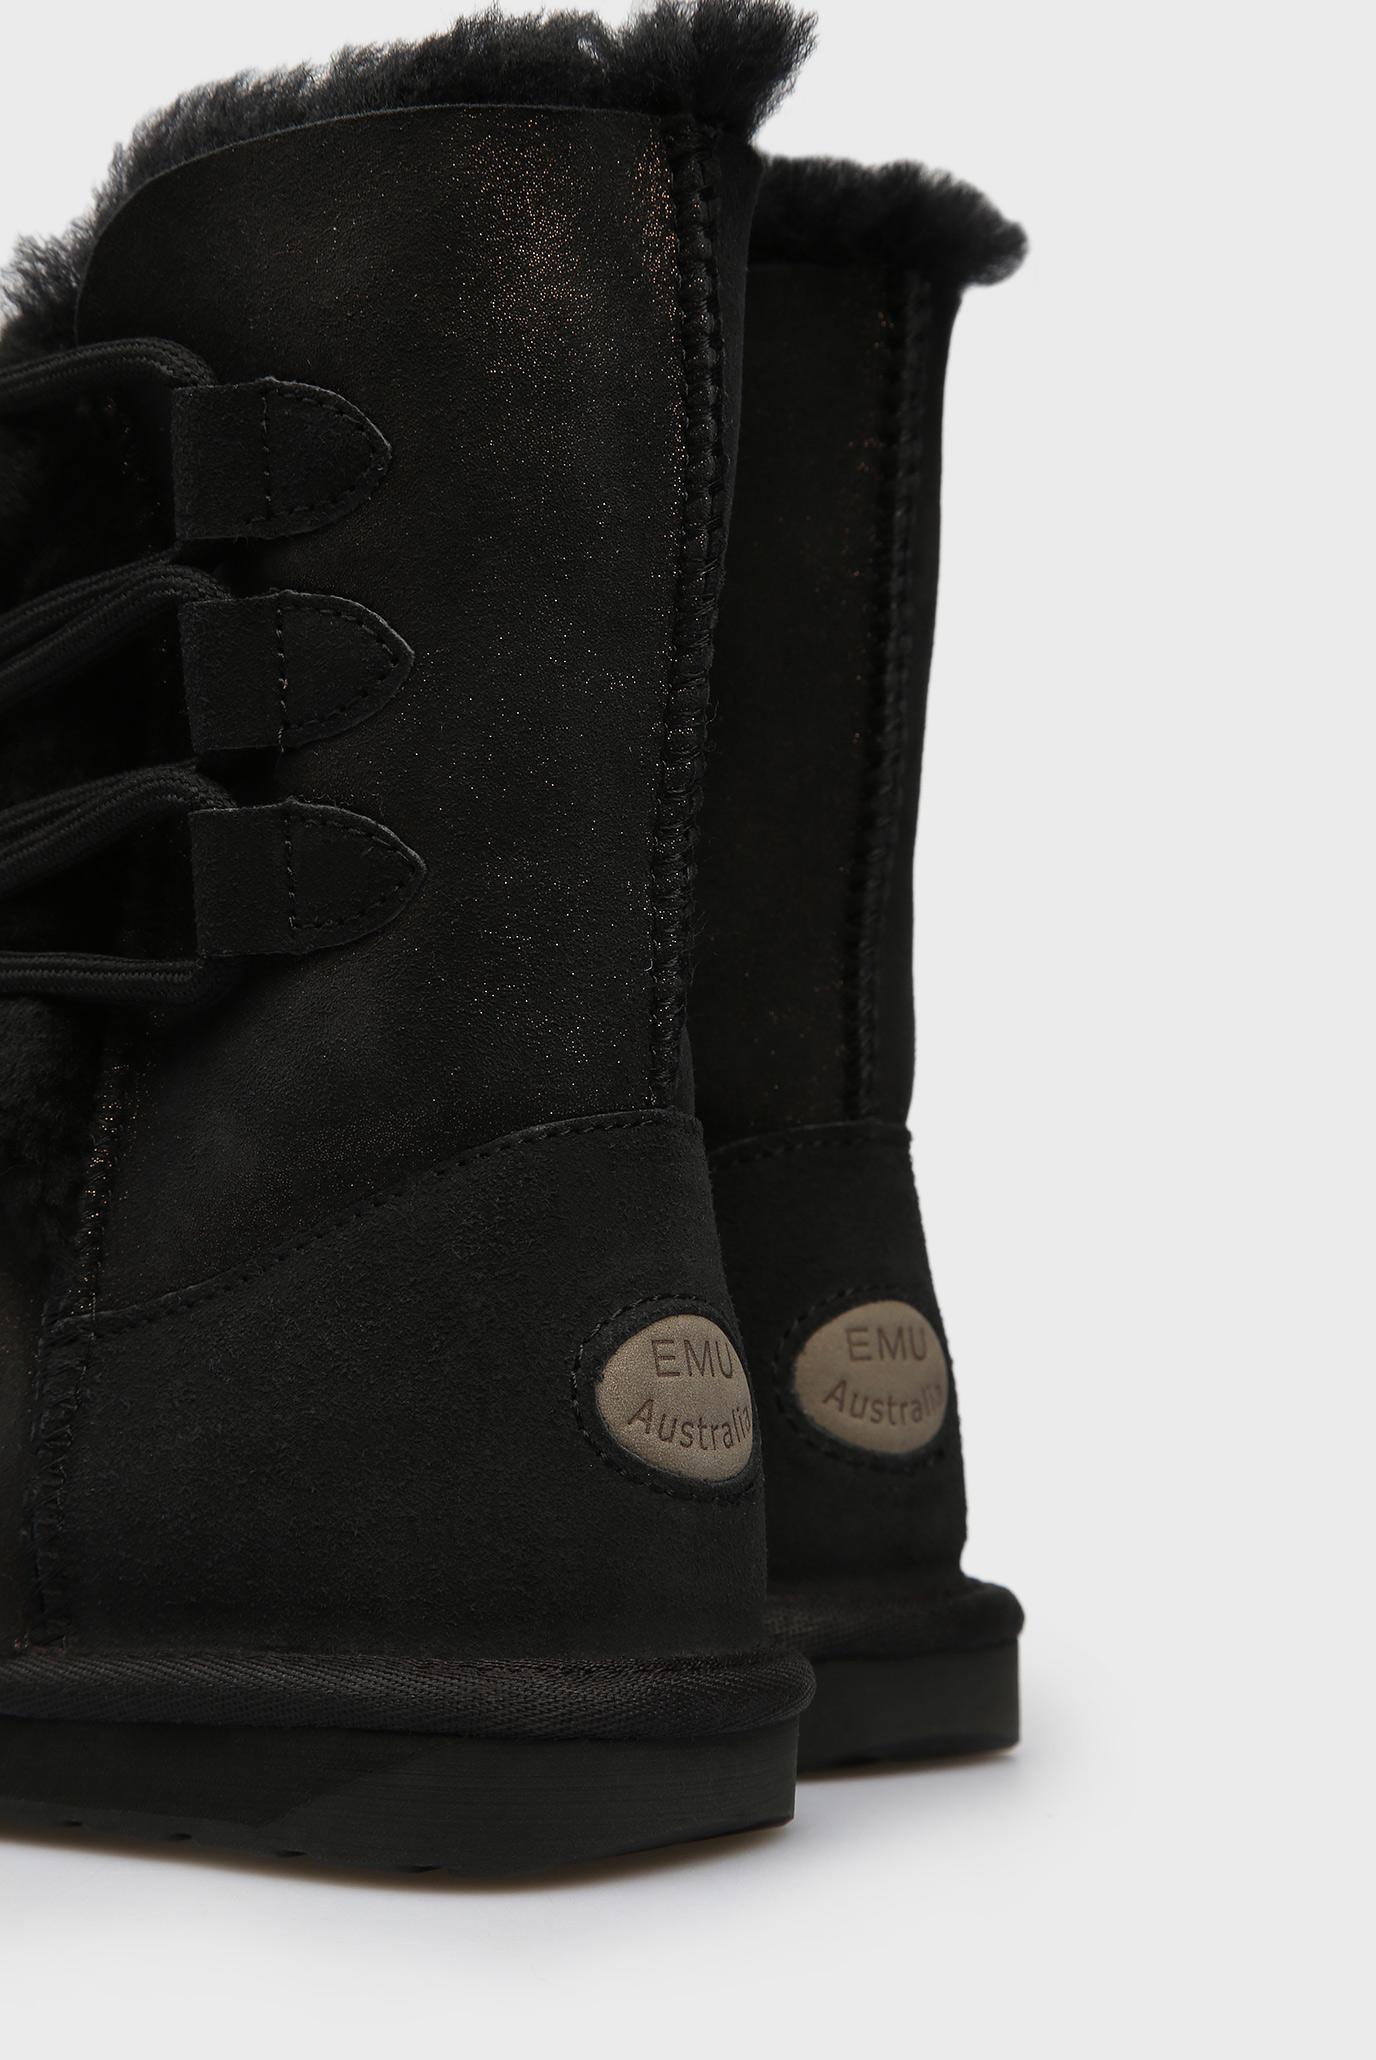 Купить Женские черные замшевые угги Sorby EMU Australia  EMU Australia  W11789 – Киев, Украина. Цены в интернет магазине MD Fashion